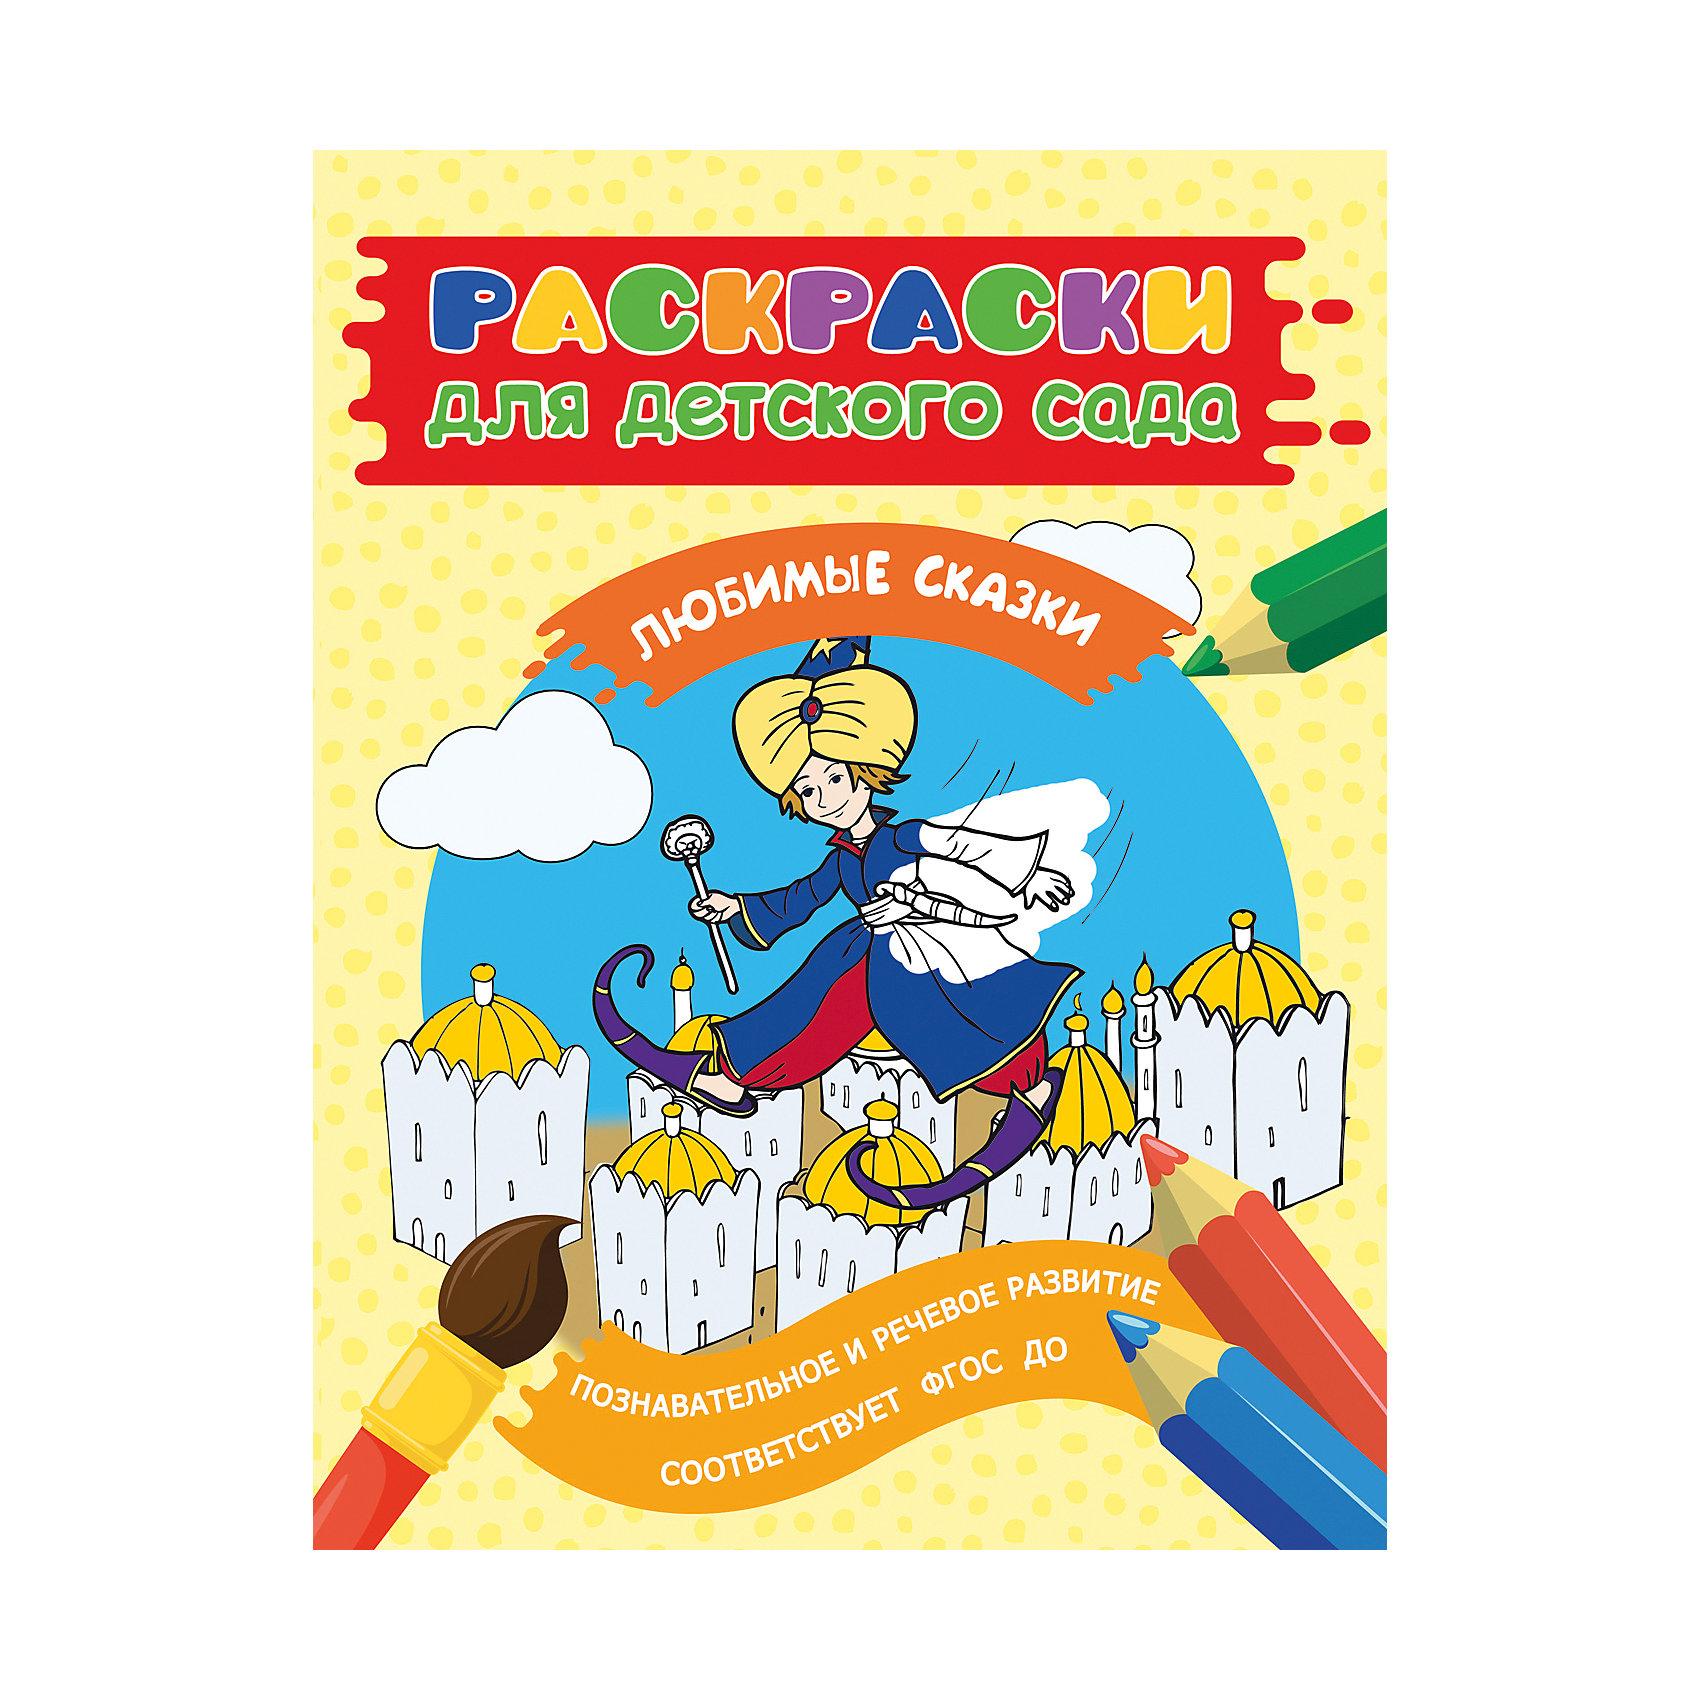 Раскраска Любимые сказкиТематические раскраски для детского сада - это специальная серия, которую можно использовать как в группах детского сада, так и для самостоятельных занятий с ребенком дома.&#13;<br>Каждая развивающая тетрадь-раскраска посвящена одной их основных познавательных тем, изучаемых в детском саду.&#13;<br>На каждой странице предлагаются развивающие вопросы, которые мама или педагог могут задать ребенку, пока он занимается раскрашиванием.&#13;<br>Знакомство с изображениями и ответы на вопросы помогут развить ребенка в основных образовательных областях:&#13;<br>- Социально-коммуникативное развитие&#13;<br>- Познавательное развитие&#13;<br>- Речевое развитие&#13;<br>- Художественно-эстетическое развитие<br><br>Ширина мм: 274<br>Глубина мм: 212<br>Высота мм: 30<br>Вес г: 130<br>Возраст от месяцев: -2147483648<br>Возраст до месяцев: 2147483647<br>Пол: Унисекс<br>Возраст: Детский<br>SKU: 5453637